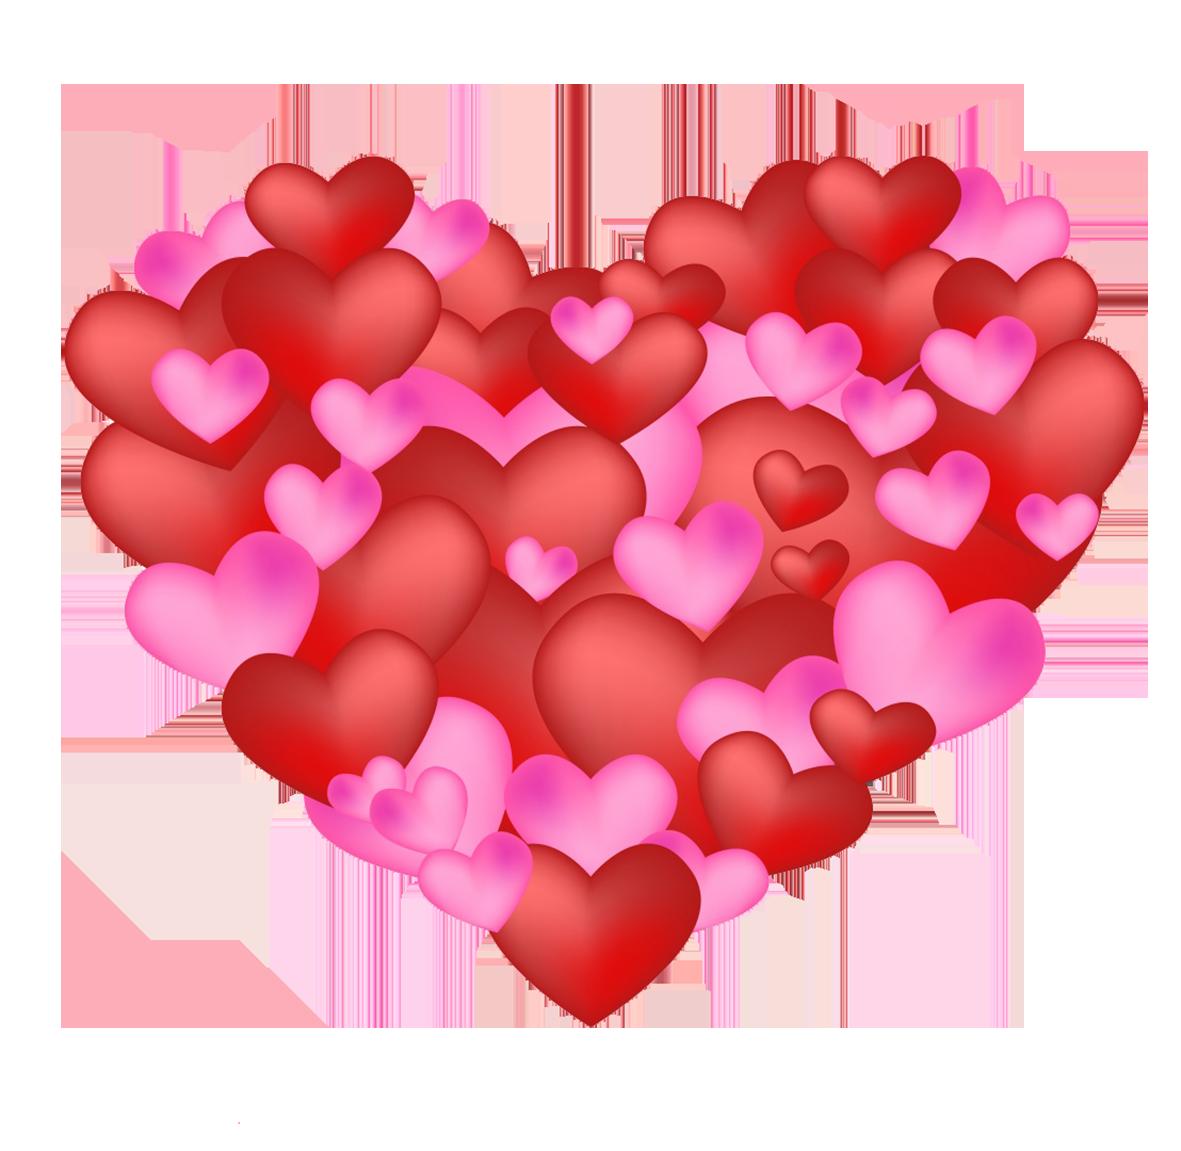 hearts in heart